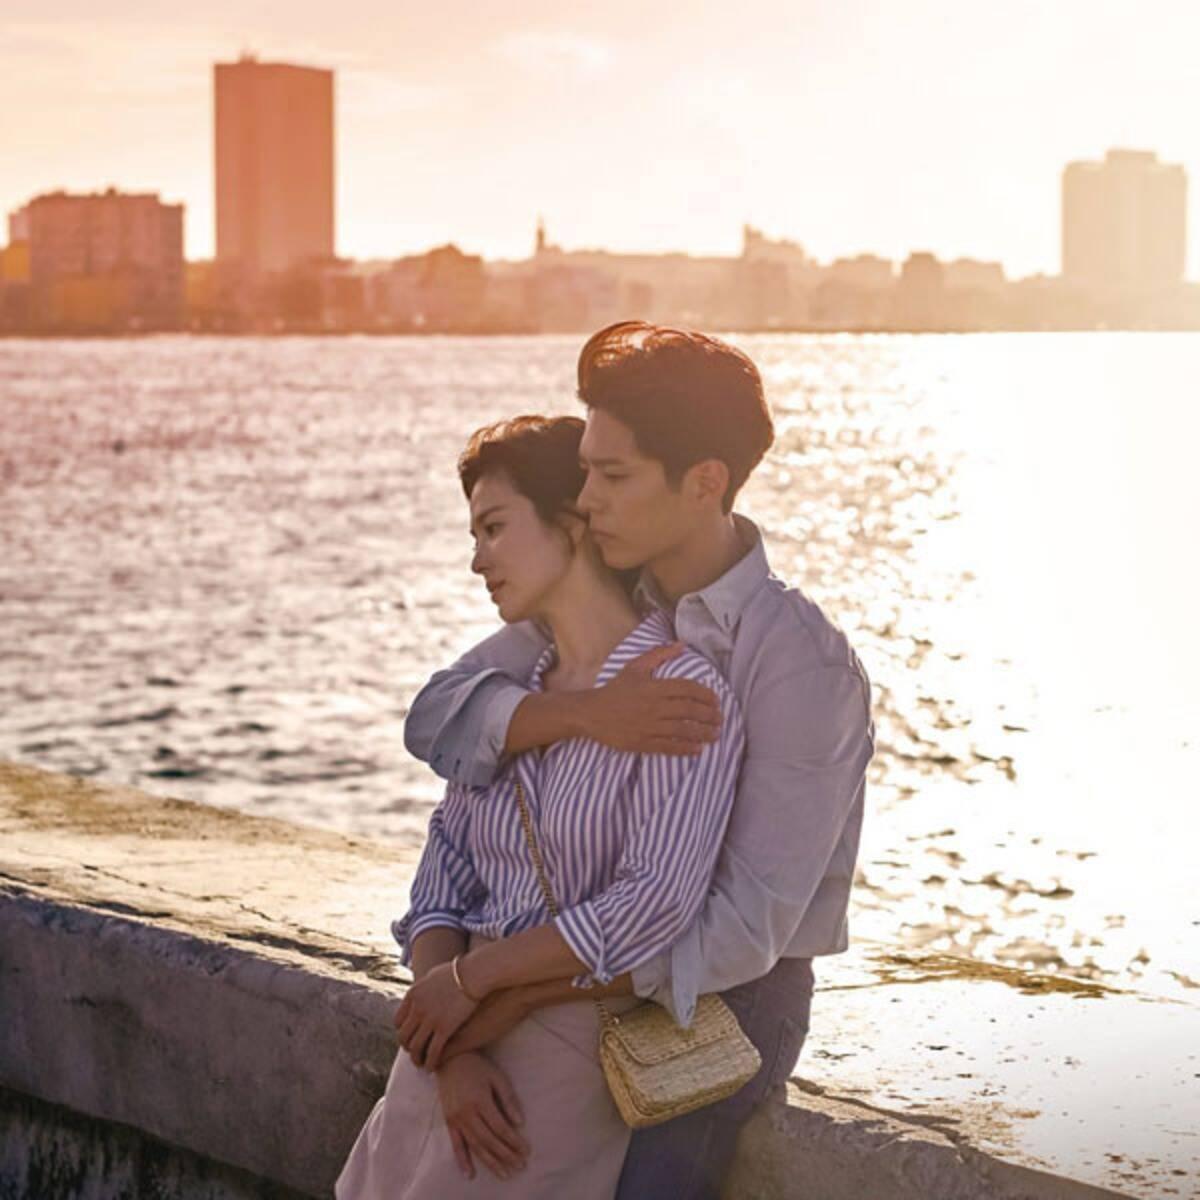 Park Bo Gum và Song Hye Kyo đóng cặp trong Encounter. Nam diễn viên 9x được ví von là quốc bảo mới của màn ảnh Hàn, gây ấn tượng với vẻ ngoài tươi sáng, rạng rỡ. Park Bo Gum có lượng fan đông đảo sau khi góp mặt trong các phim Reply 1988, Mây họa ánh trăng, I Remember You.